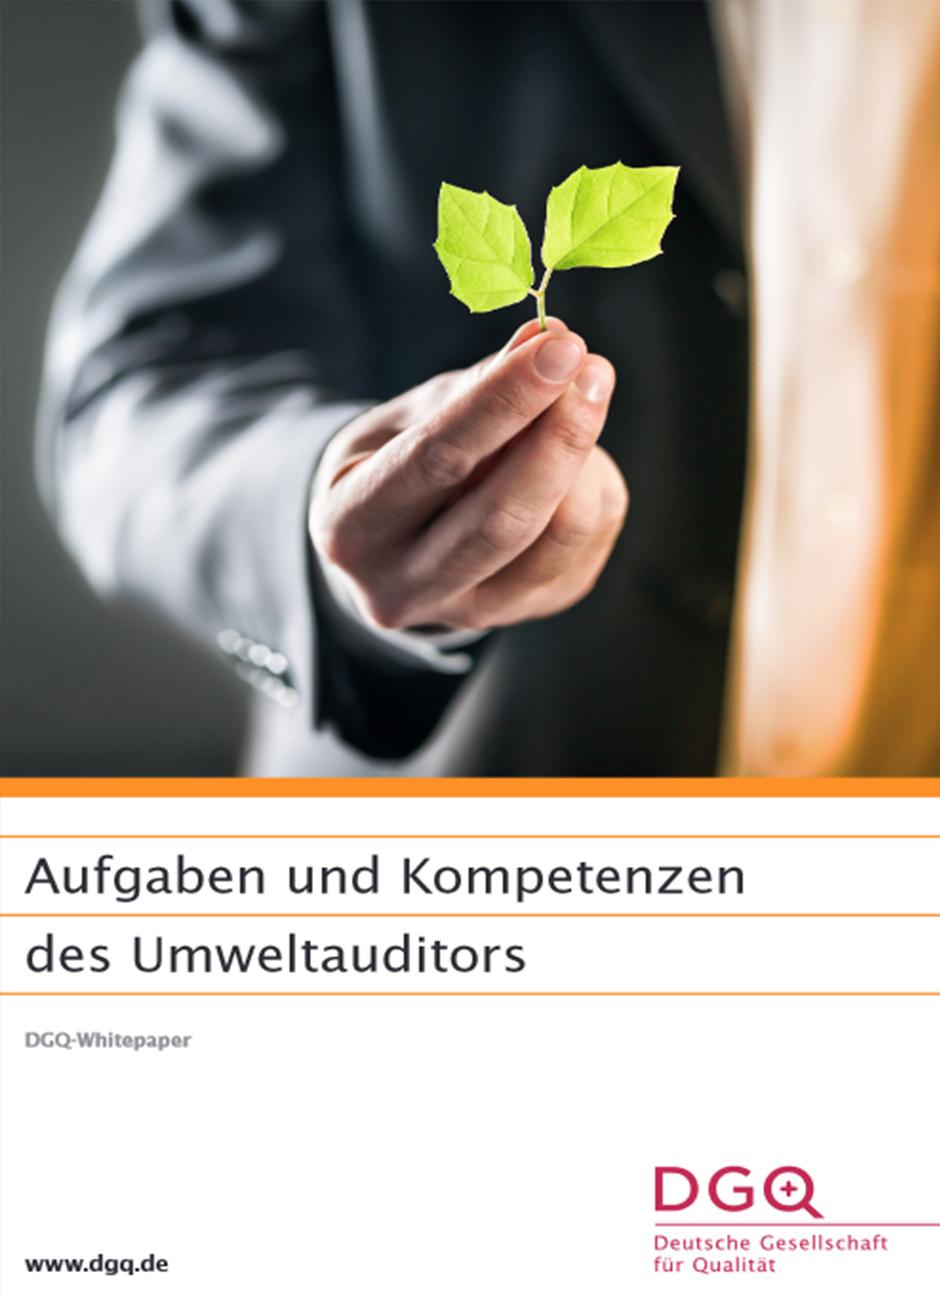 DGQ-Whitepaper: Aufgaben und Kompetenzen des Umweltauditors